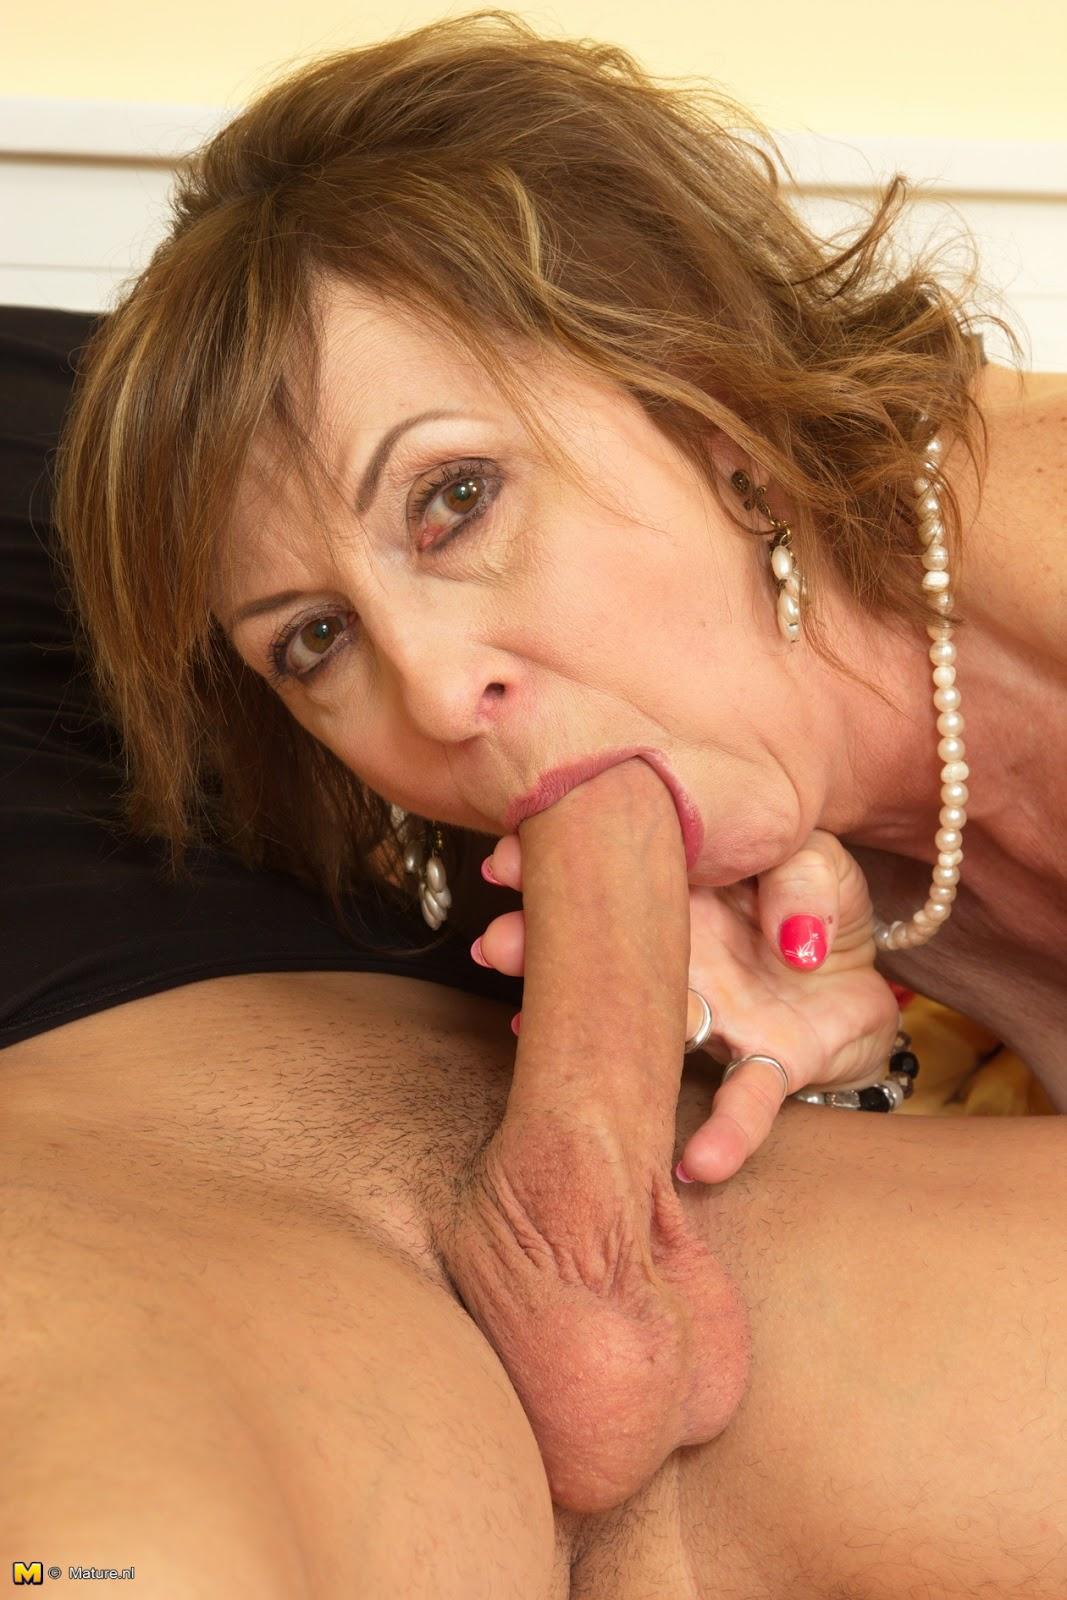 Esposa quiere que alguien la penetre - 2 part 5